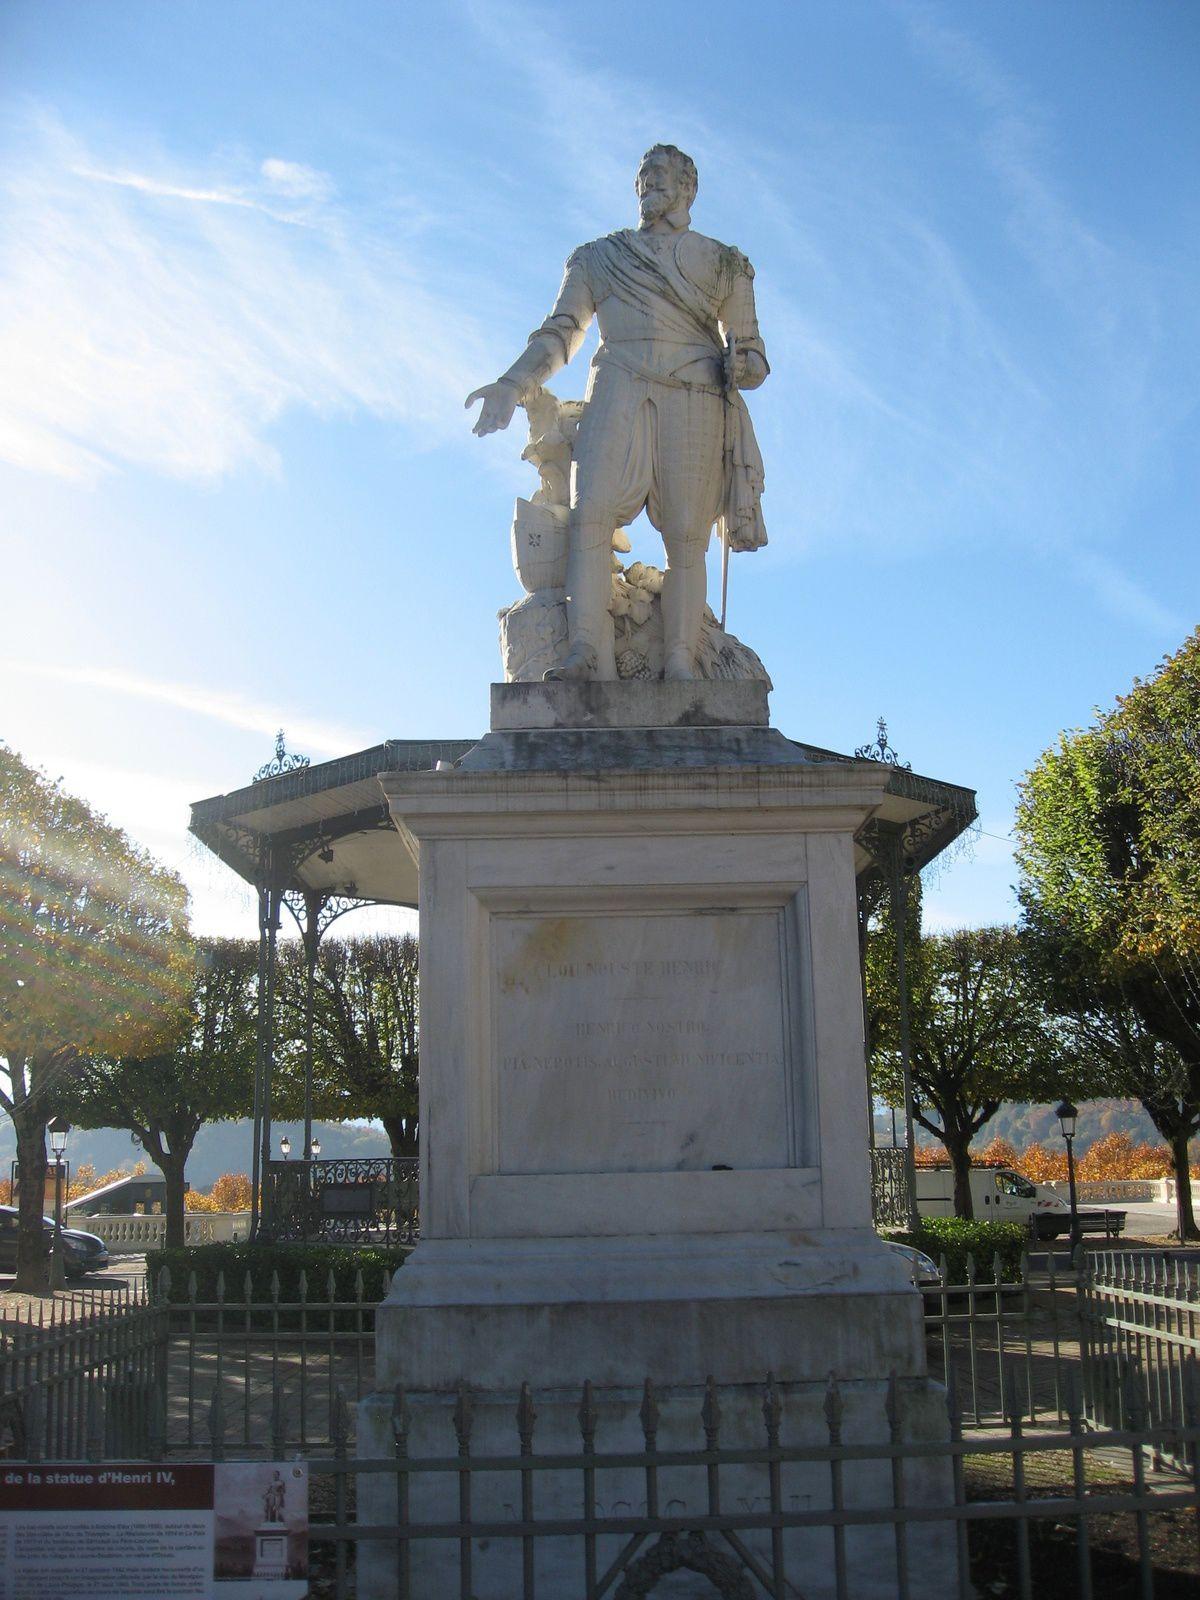 Le bon roi Henri IV et son château,  la vue du boulevard des Pyrénées, la douceur d'une balade dans le gave de Pau, belle villa du square Besson et le funiculaire qui facilite la liaison entre la ville haute et la ville basse .